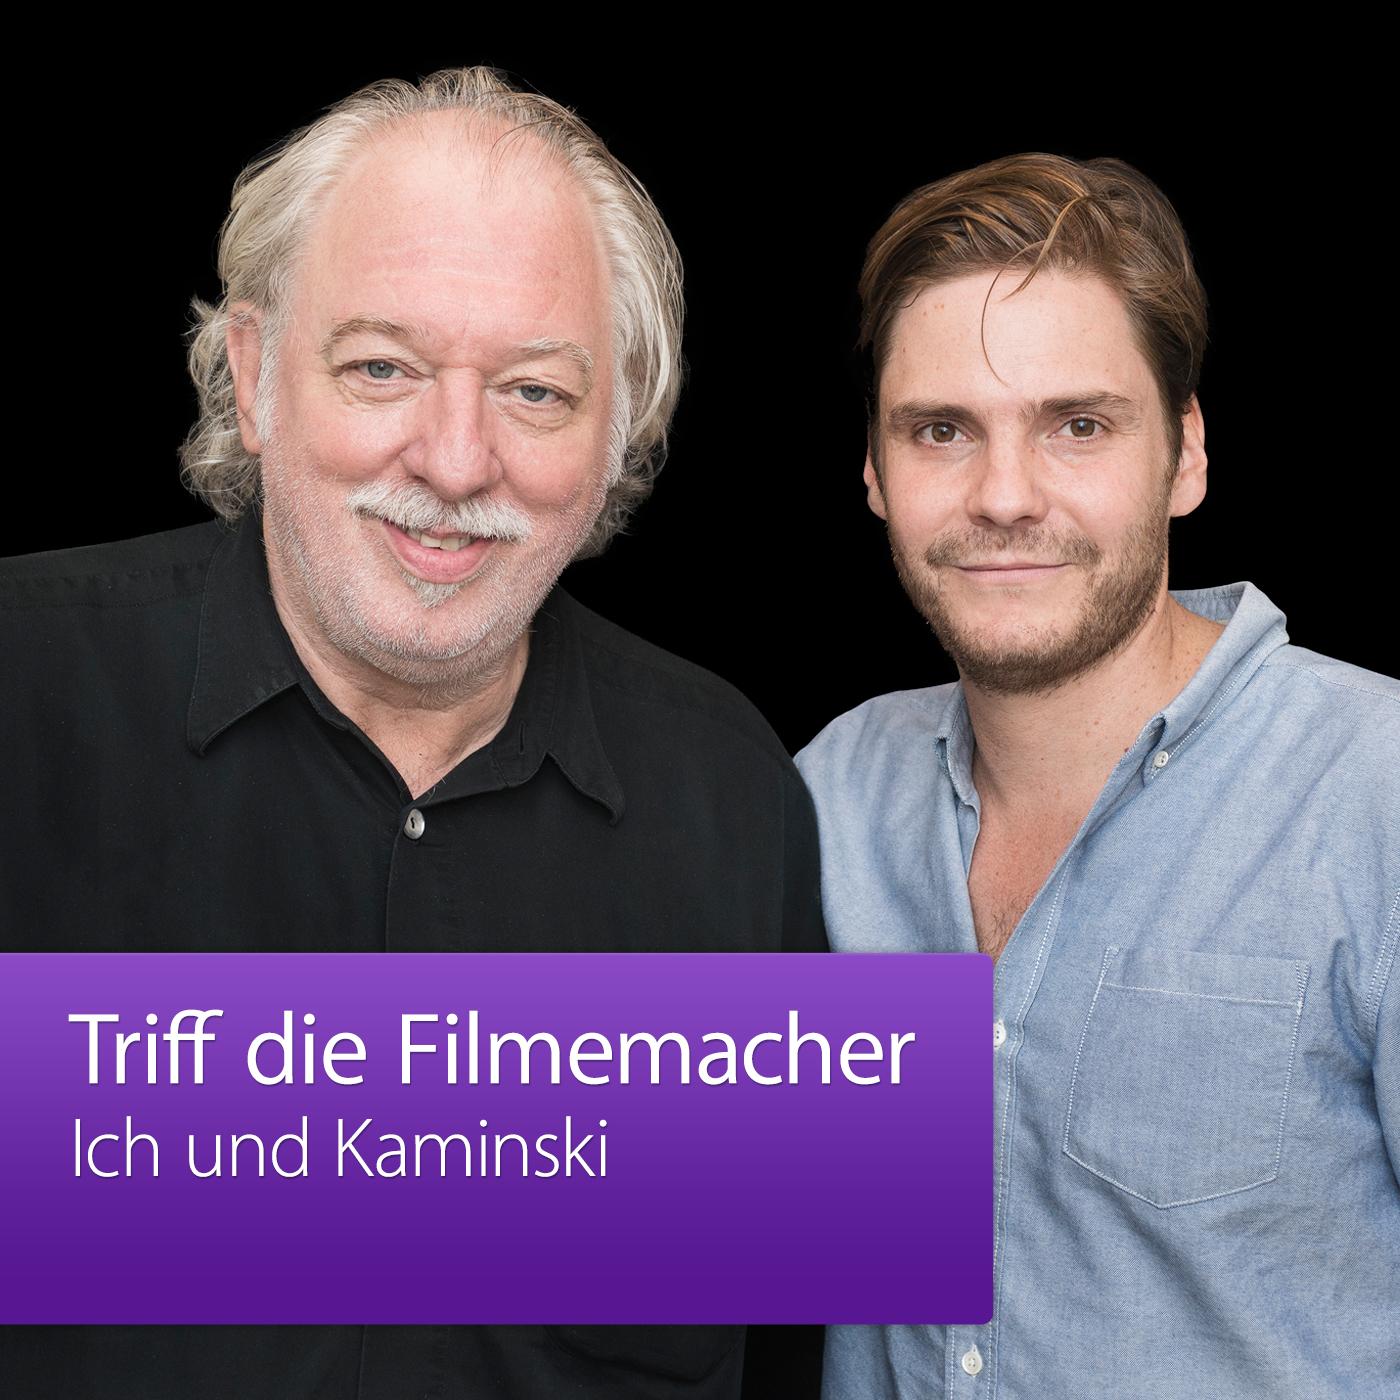 Ich und Kaminski: Triff die Filmemacher